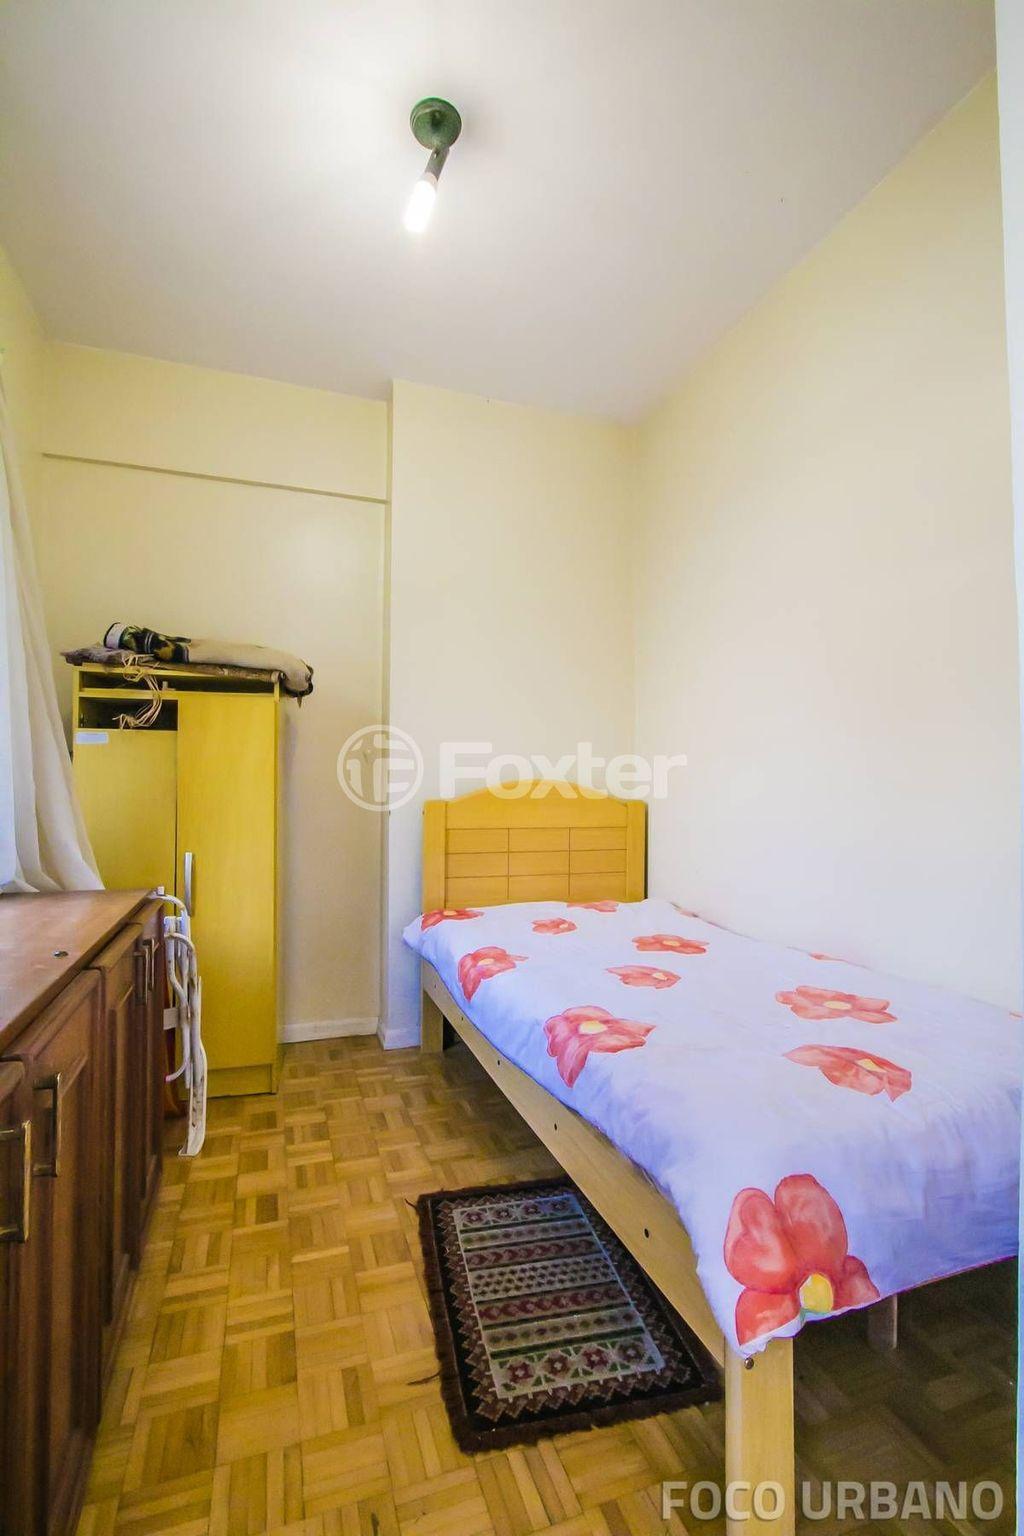 Vila Rica - Apto 3 Dorm, Moinhos de Vento, Porto Alegre (11434) - Foto 36